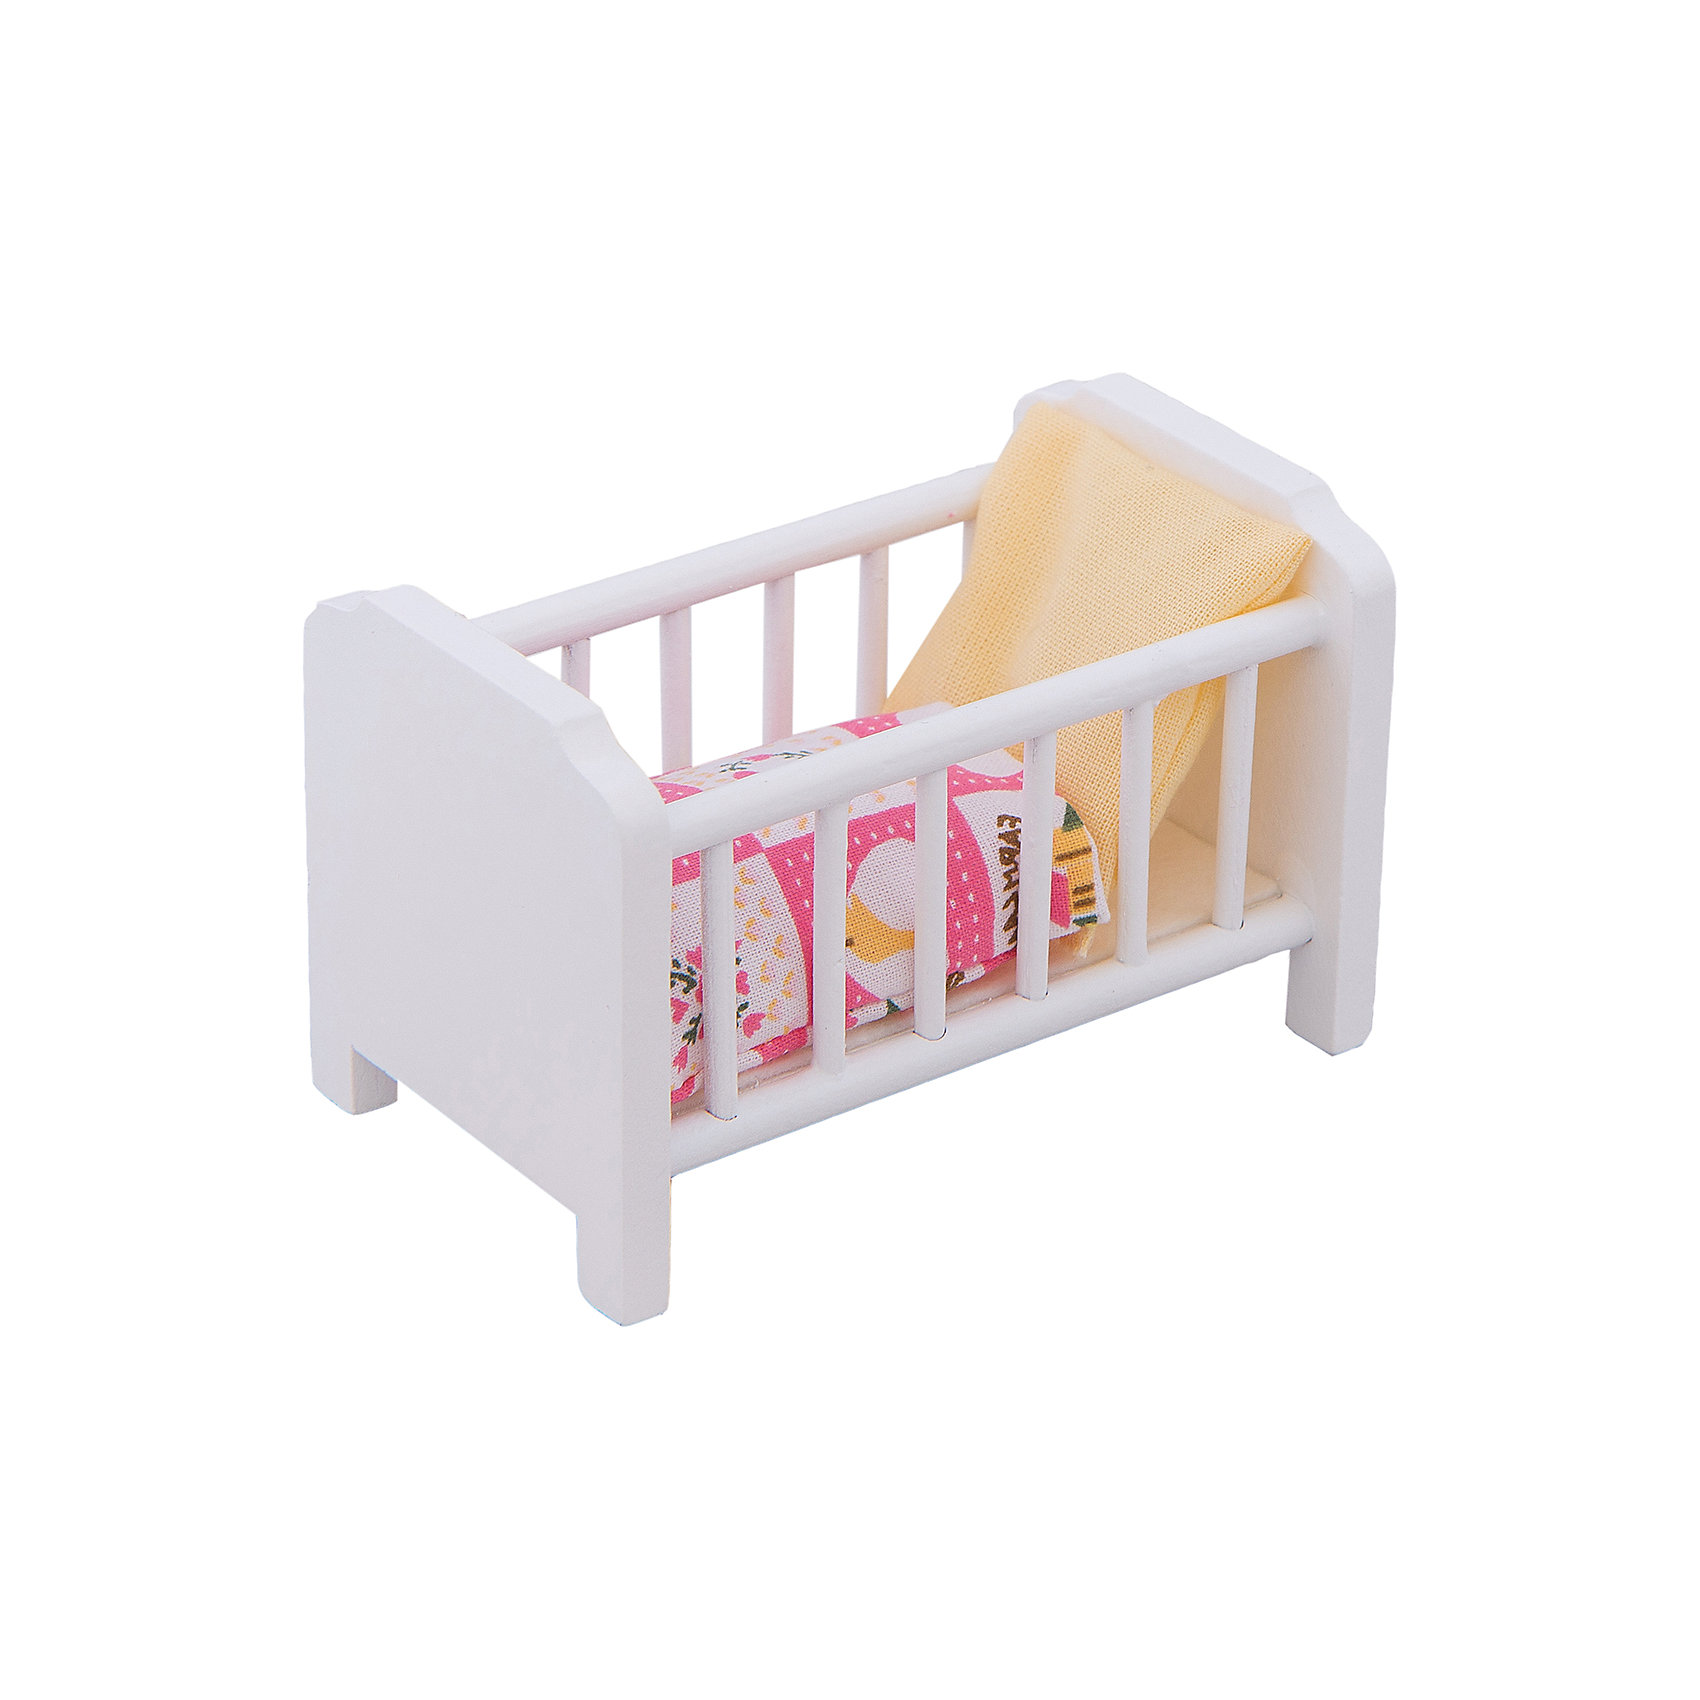 - Кровать  с аксессуарами (белая) для мини-кукол